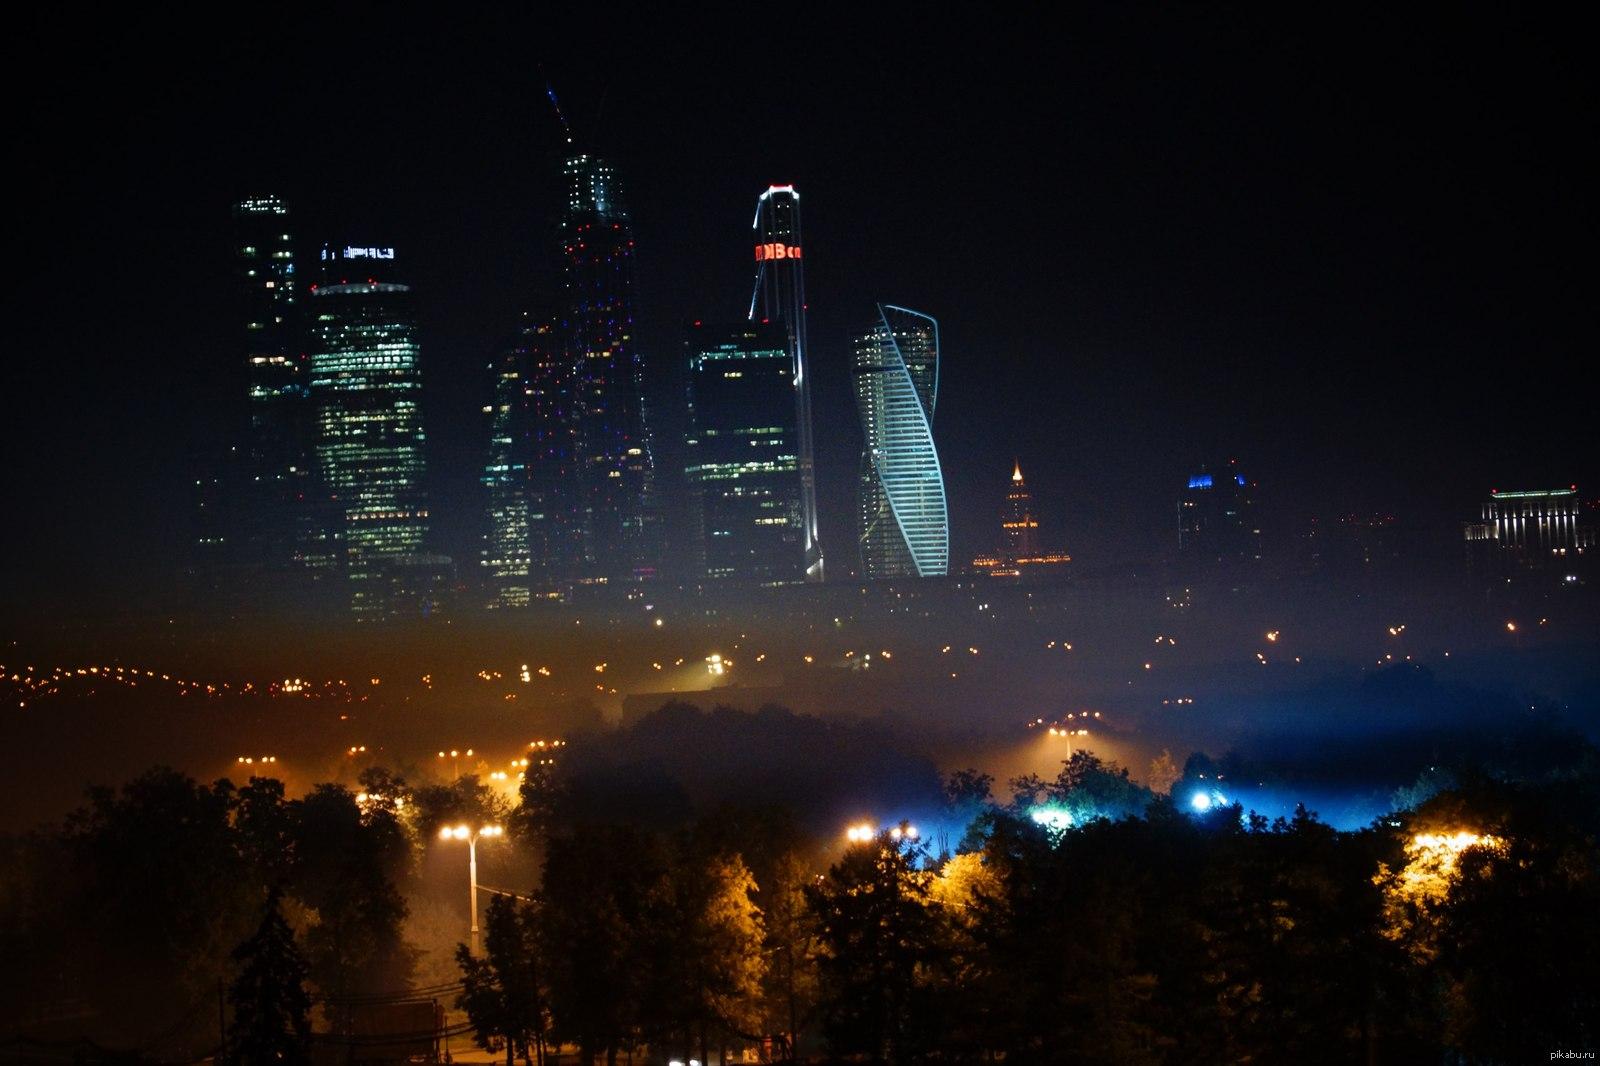 фото с москва сити ночью людей двухскатная крыша